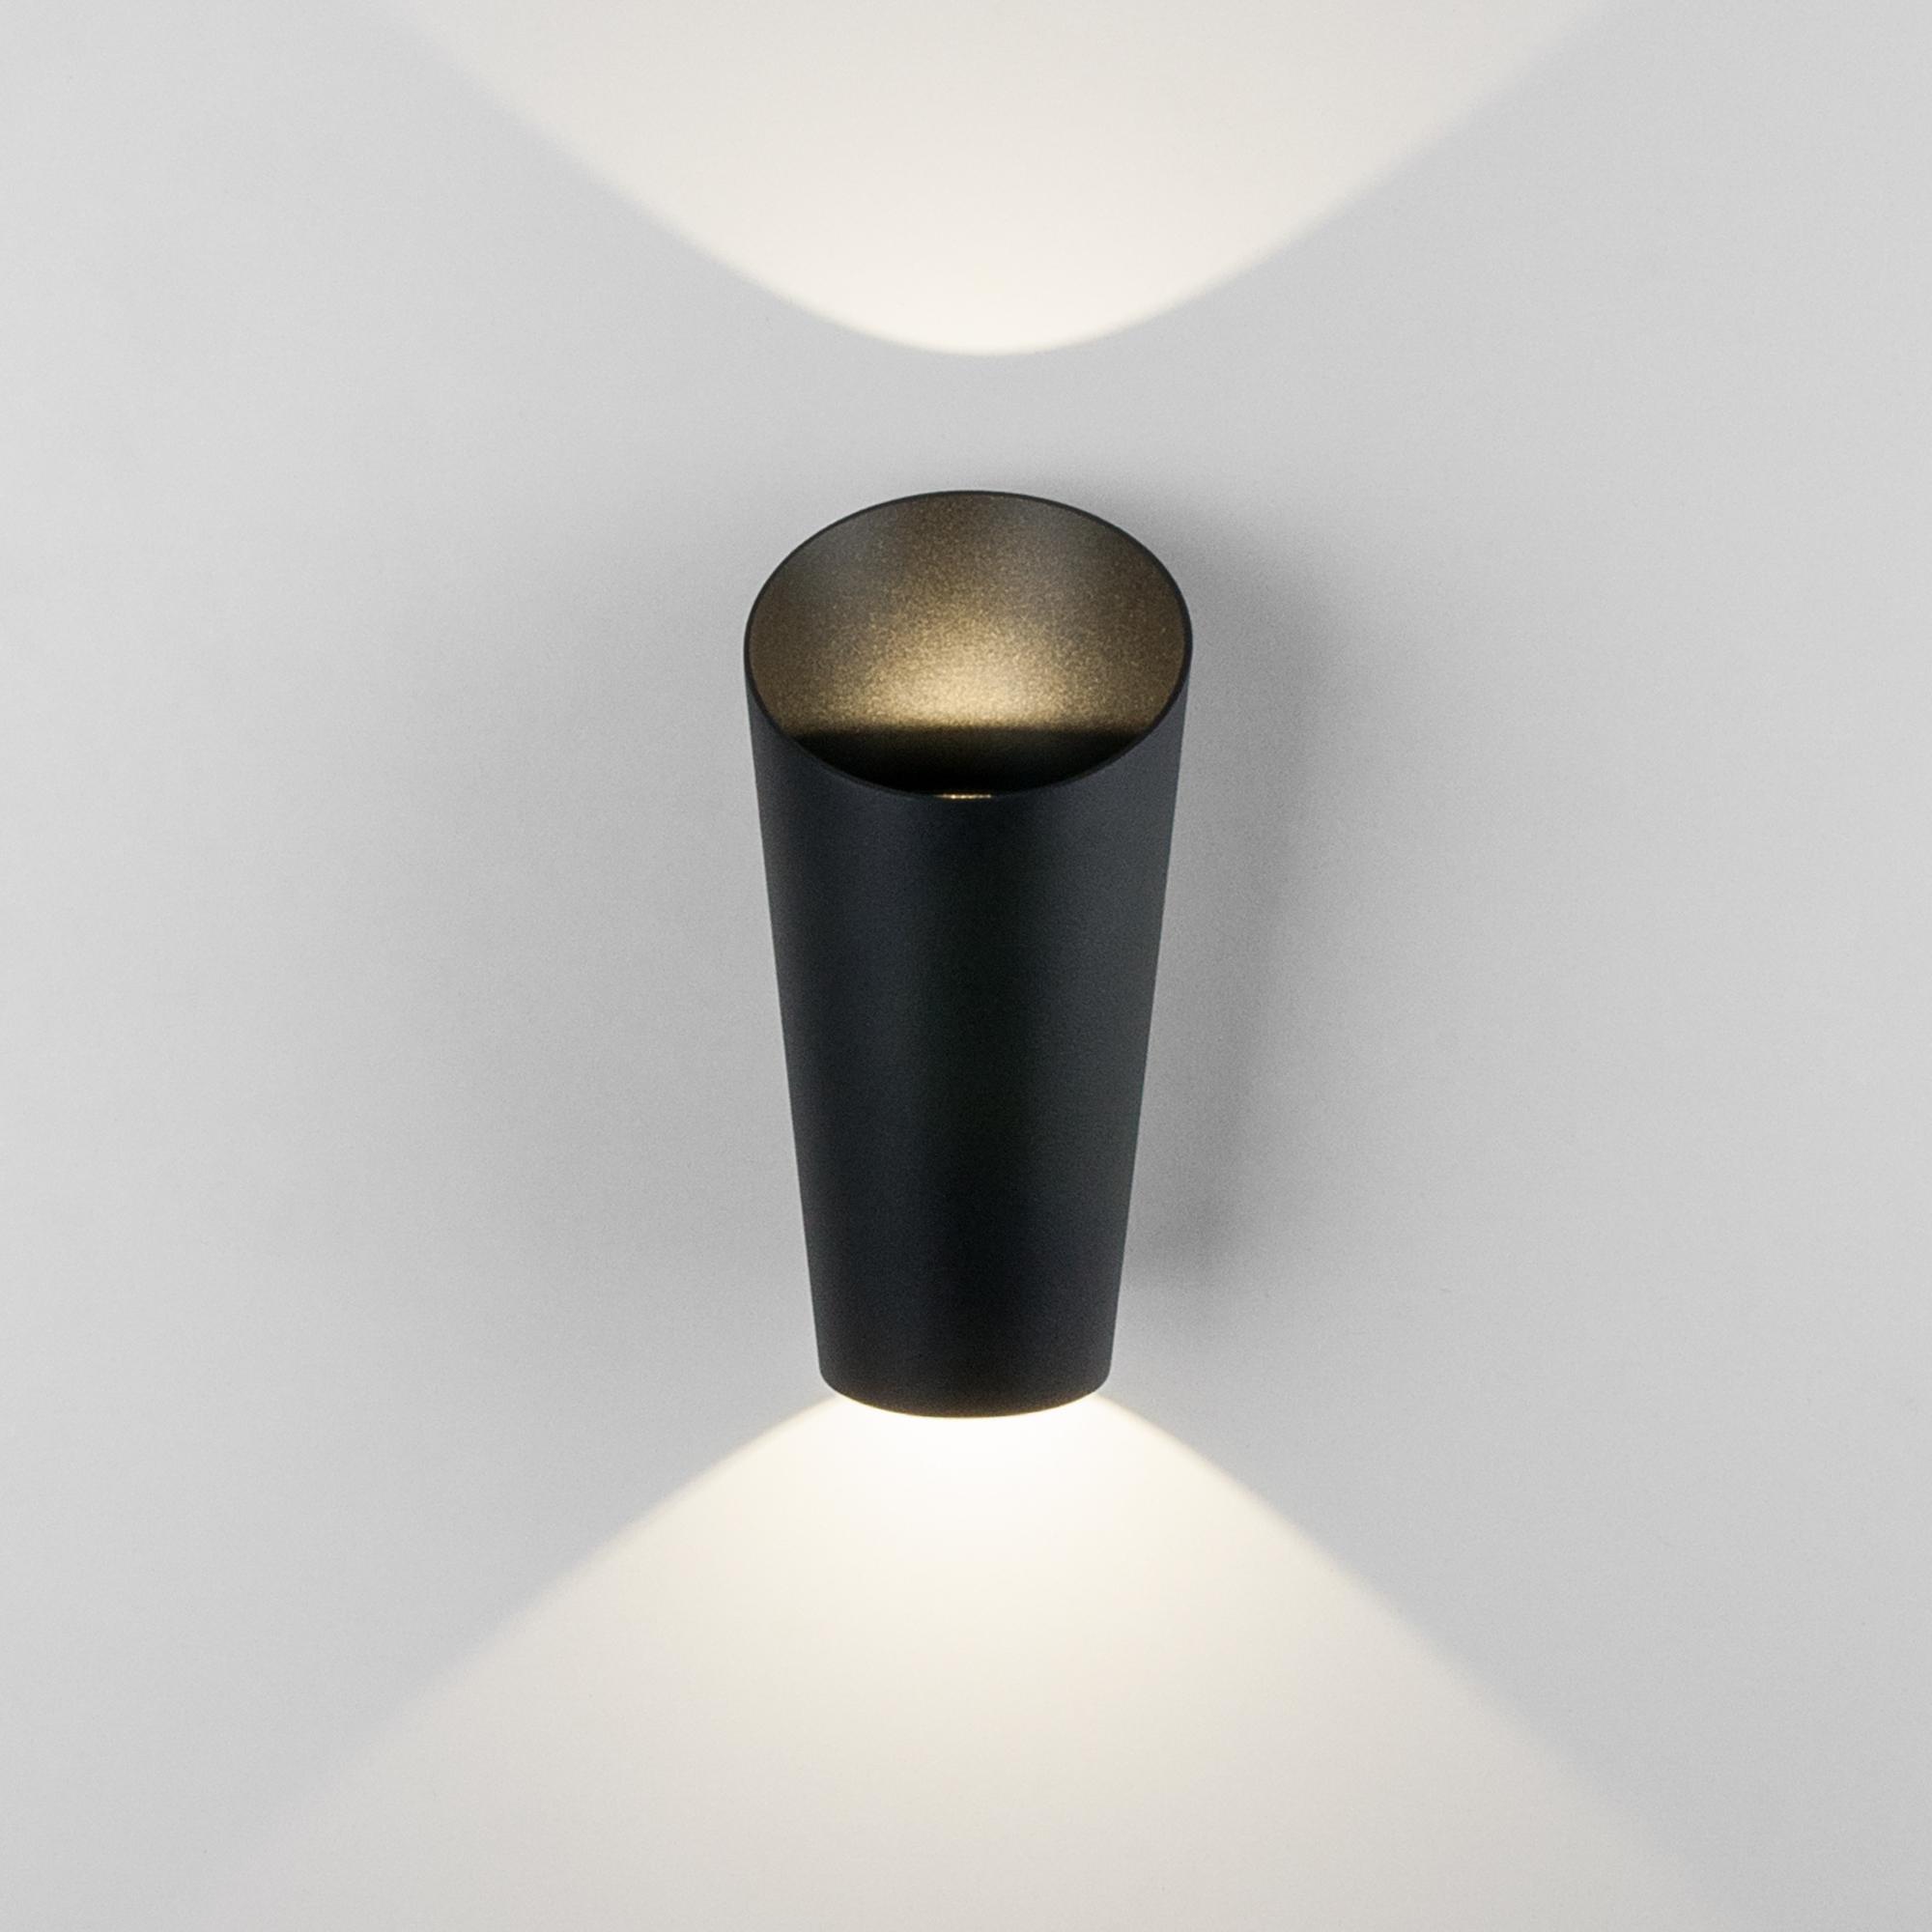 Уличный настенный светодиодный светильник Tronc IP54 1539 TECHNO LED черный